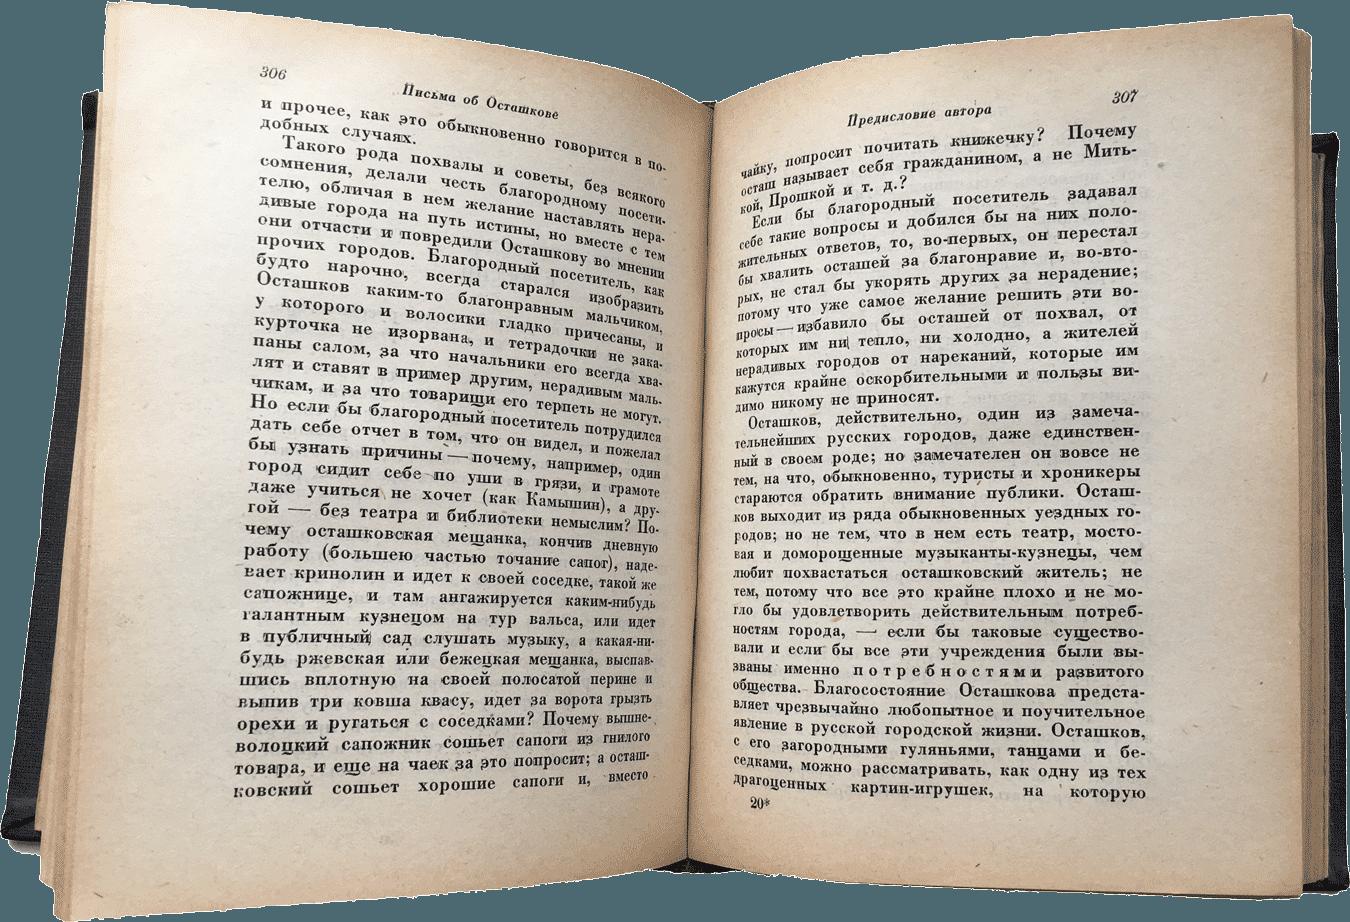 Книга выглядит старой, но все страницы на месте